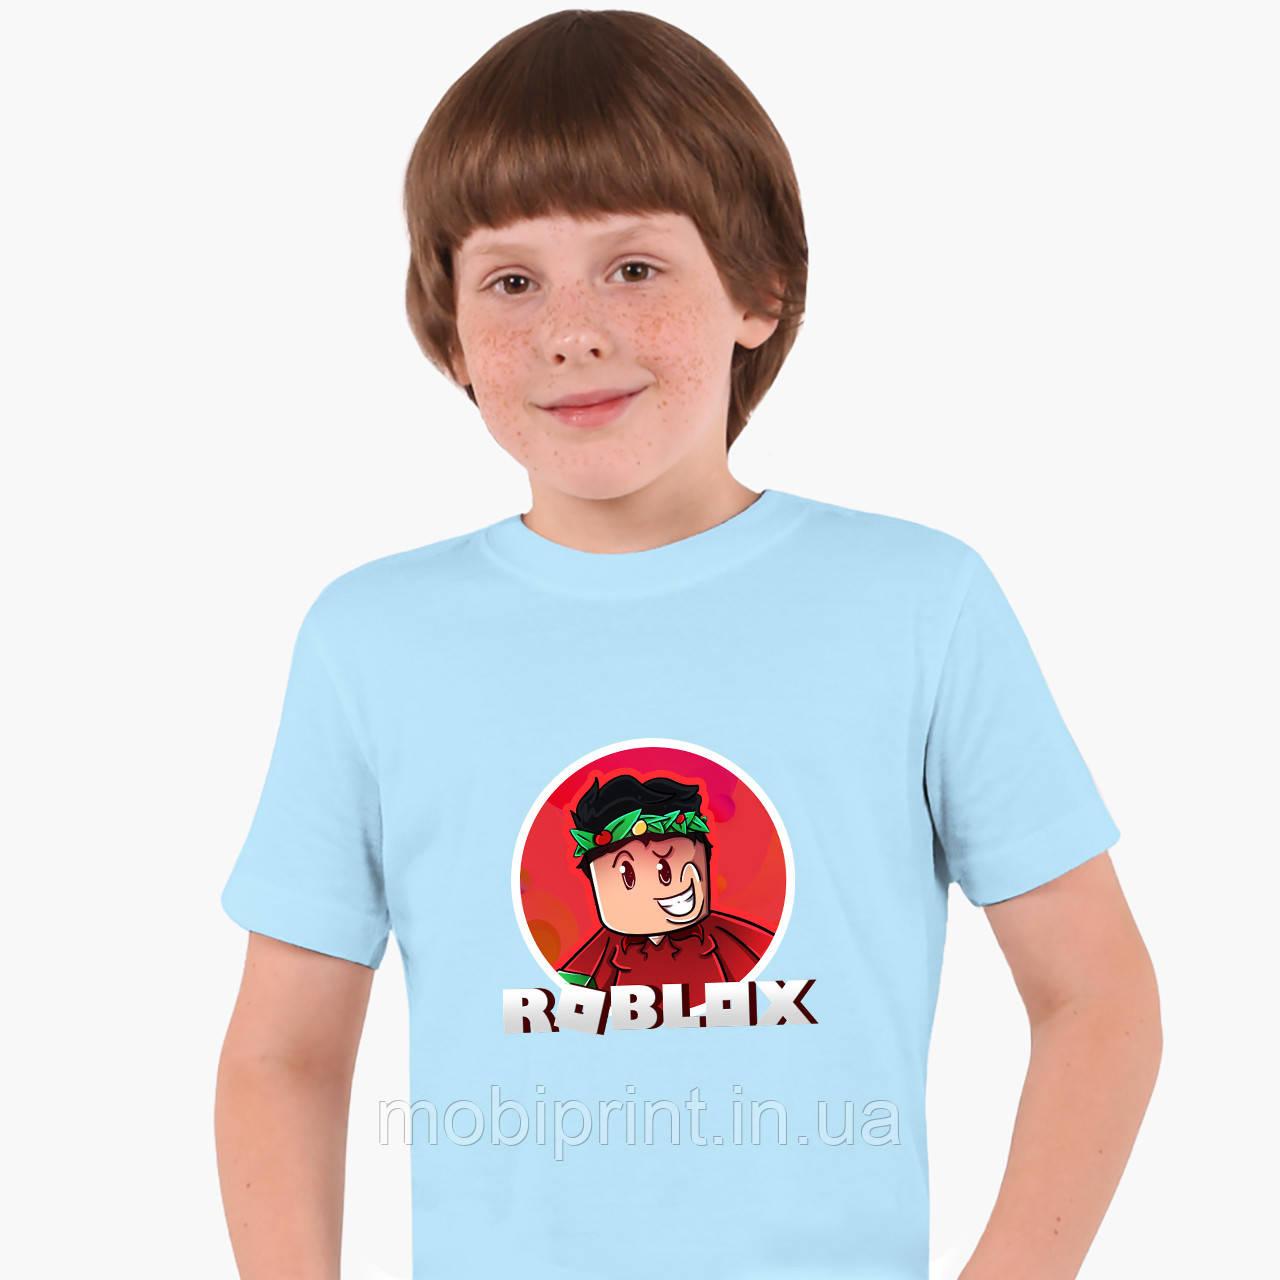 Детская футболка для мальчиков Роблокс (Roblox) (25186-1225) Голубой